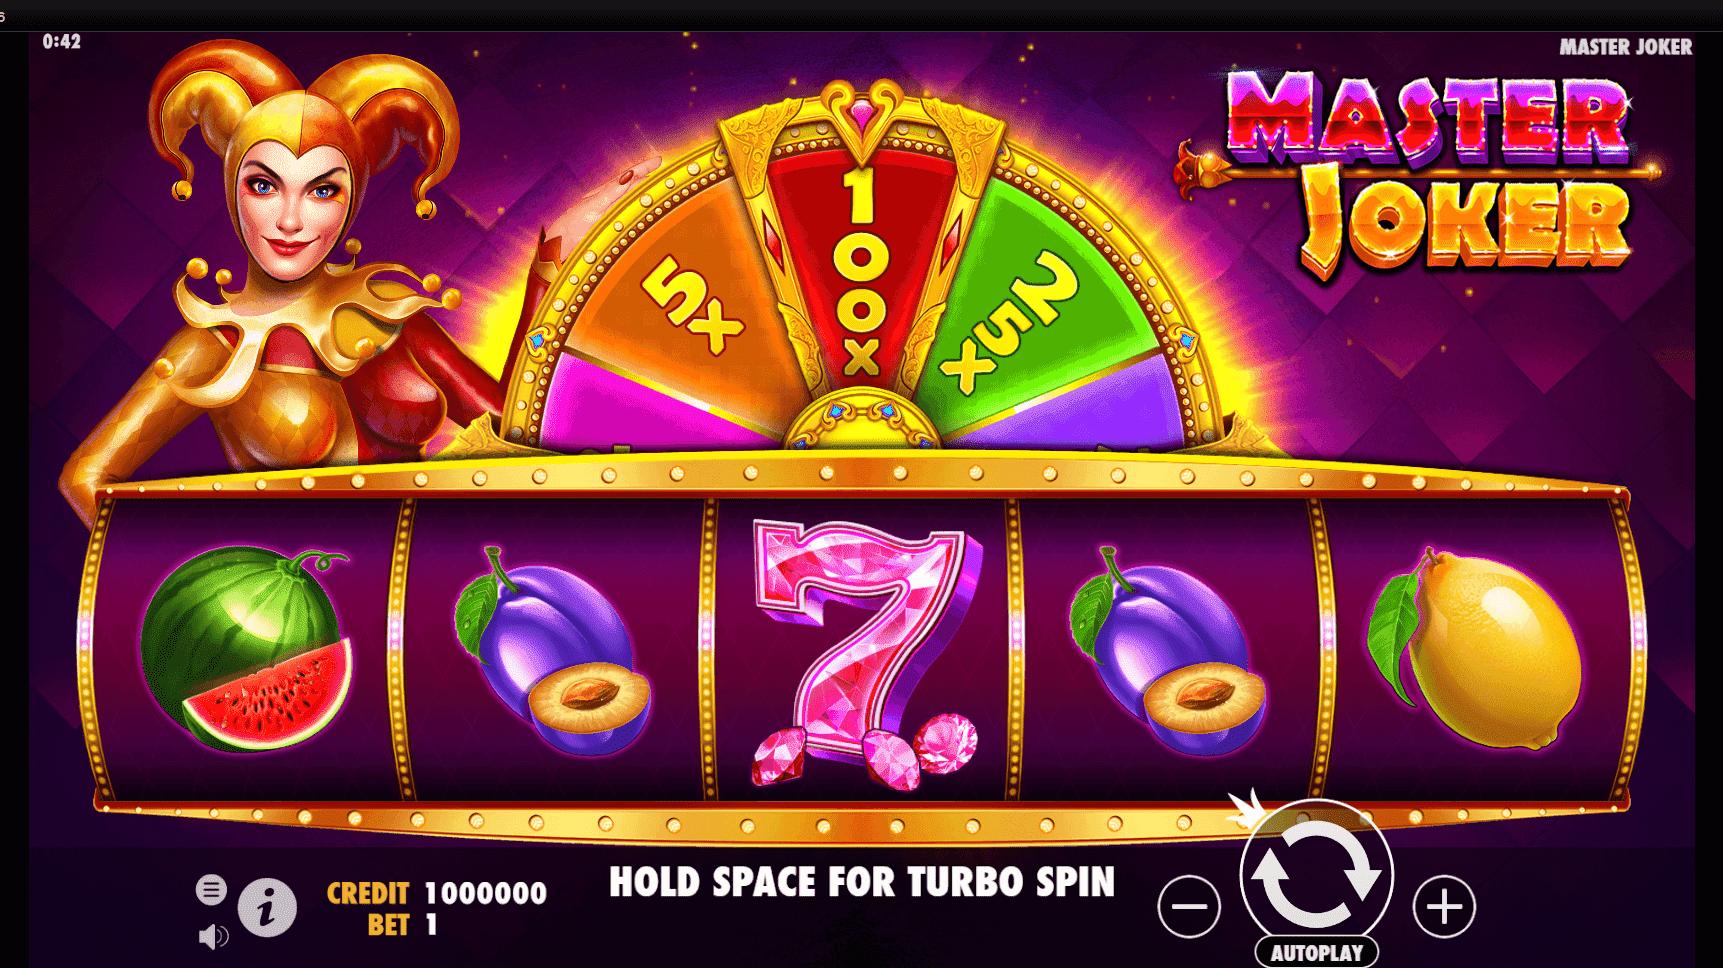 Master Joker slot machine screenshot